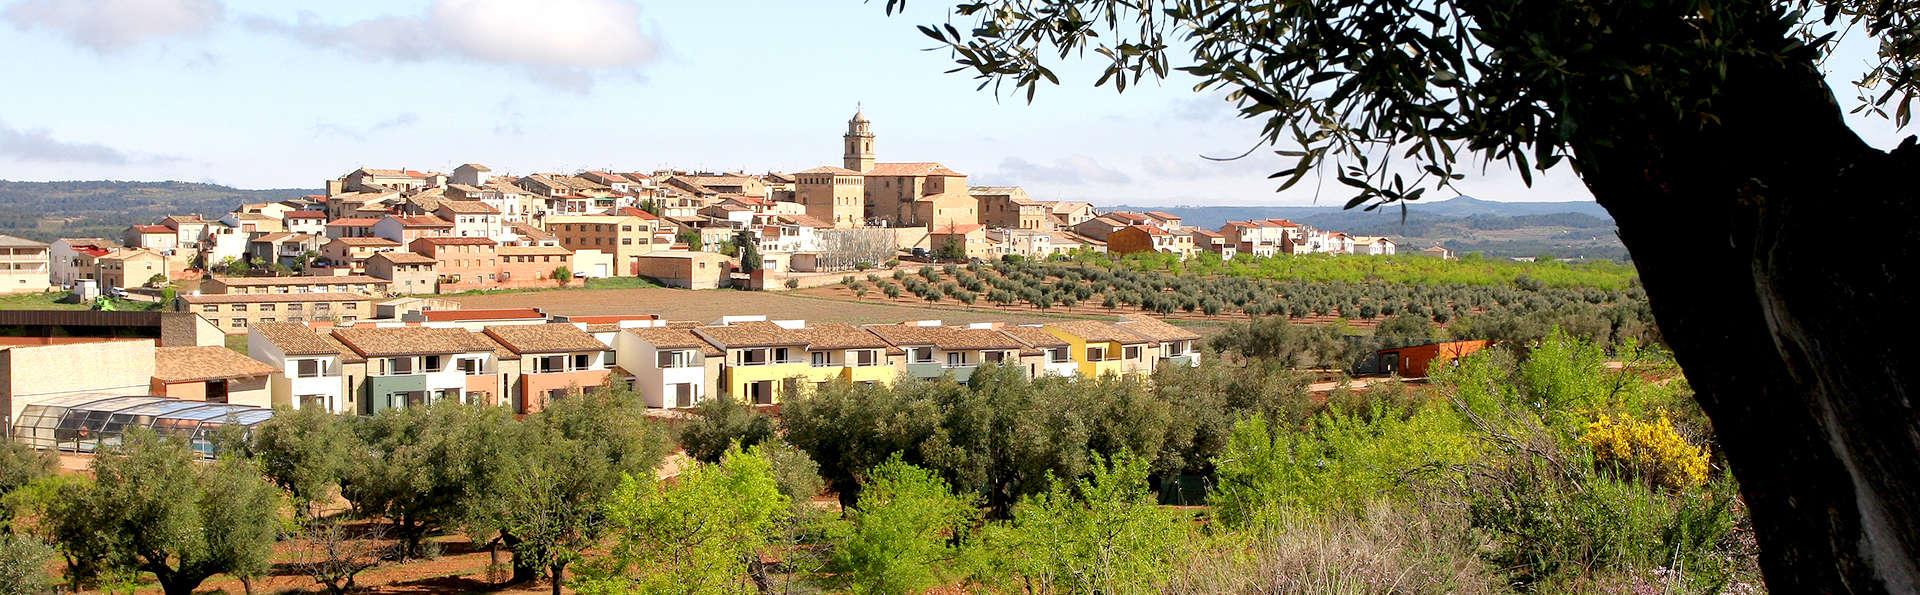 Hotel Vilar Rural de Arnes - Edit_Destination.jpg